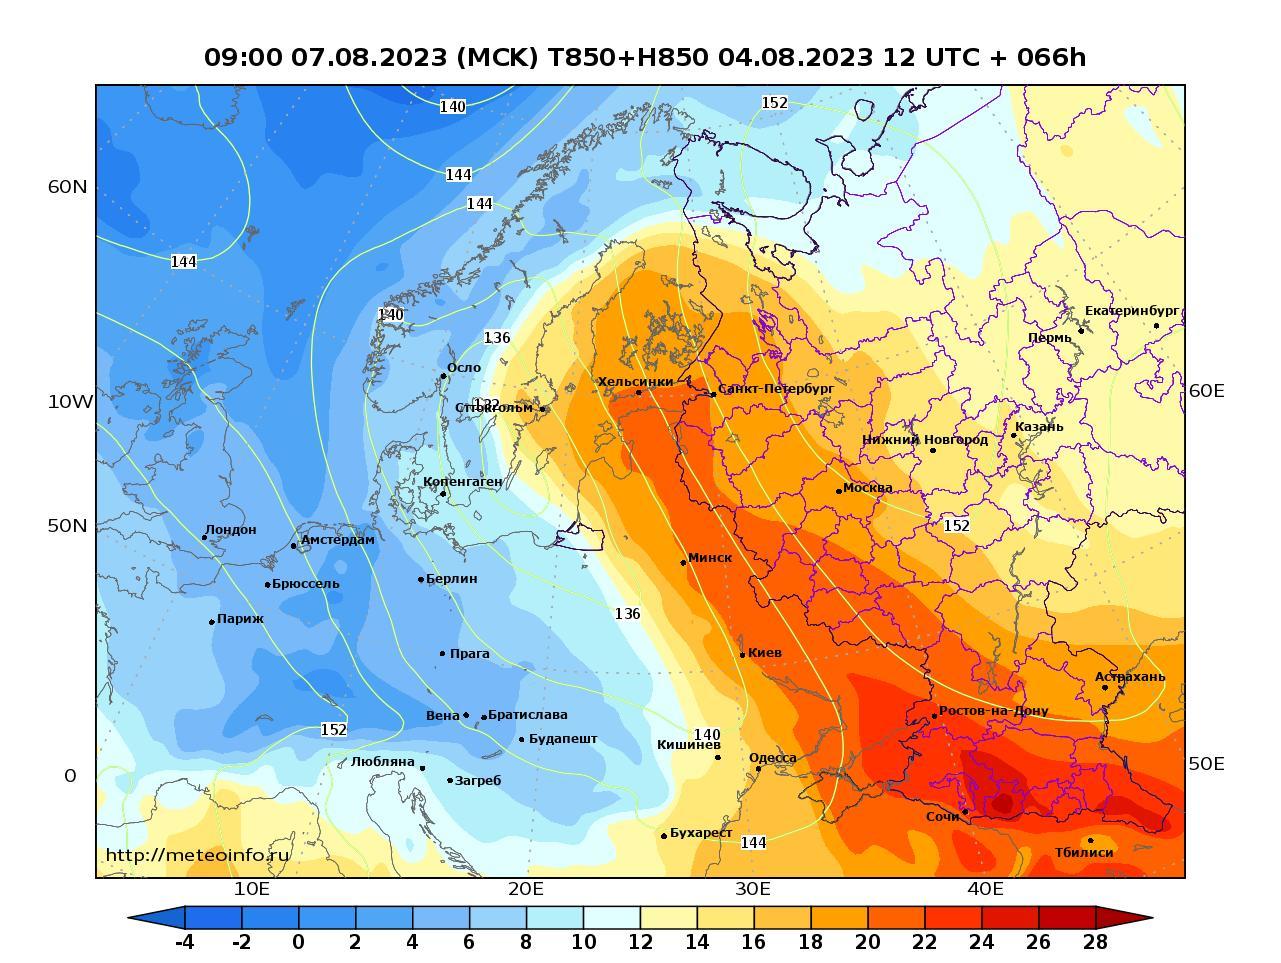 Европейская территория России, прогностическая карта температура T850 и геопотенциал H850, заблаговременность прогноза 66 часов